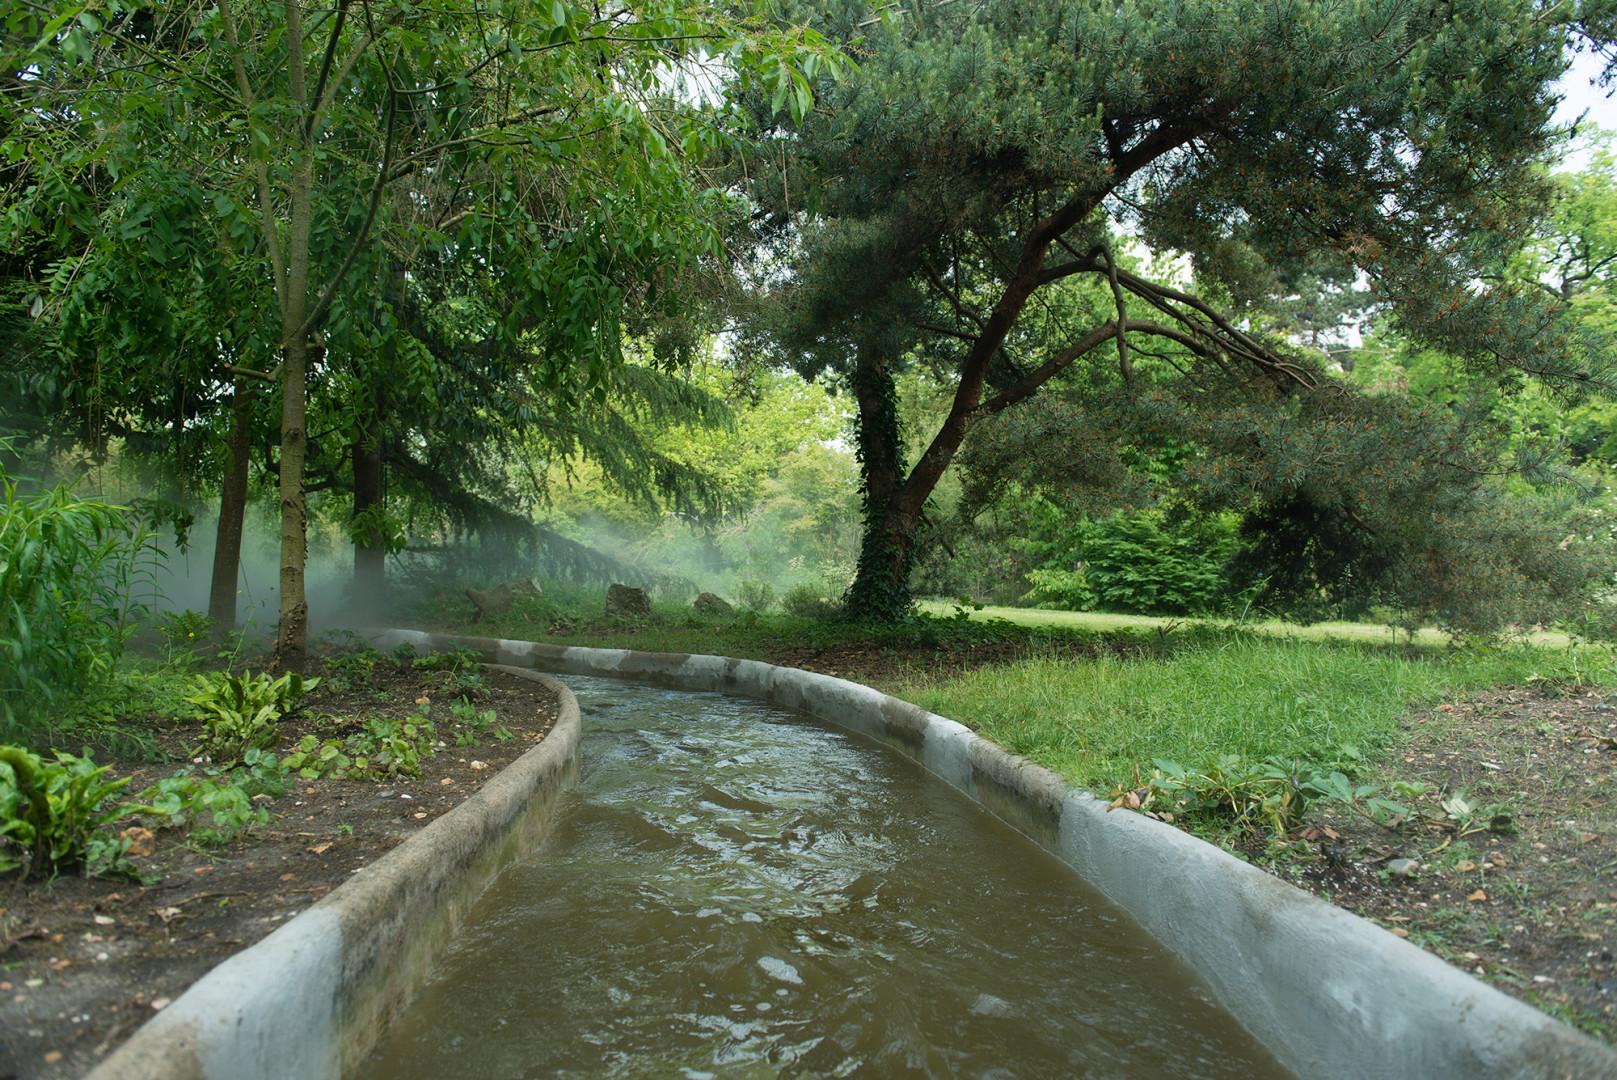 La Rivière Enchantée, l'une des attractions phares du Jardin, a été re-thématisée.